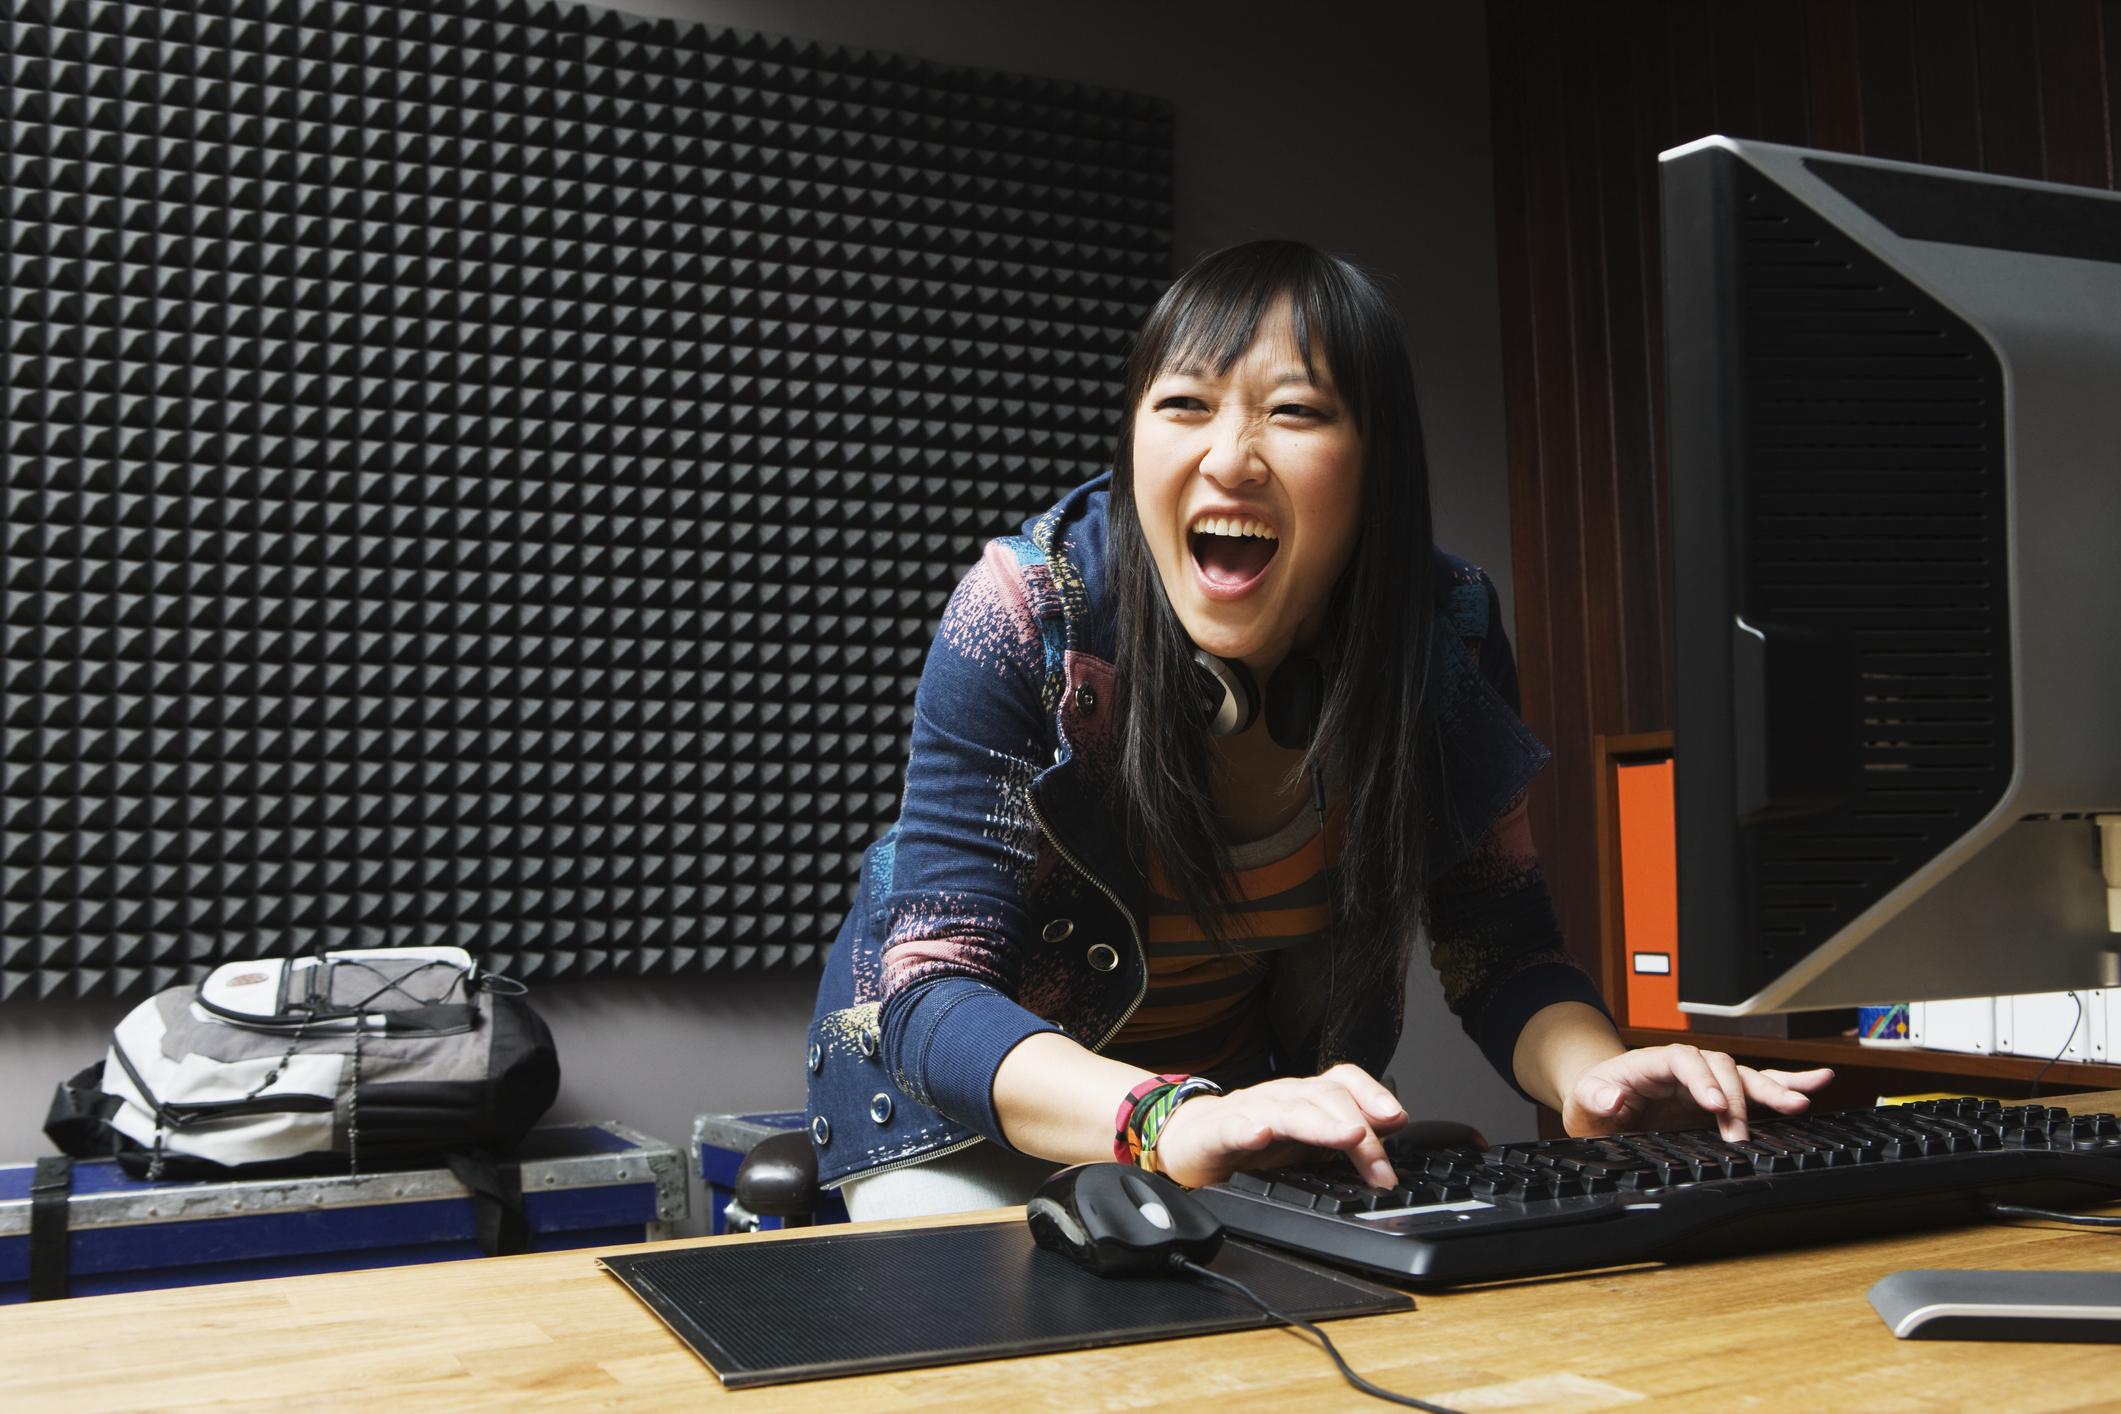 Девушка играет в игры на настольном компьютере